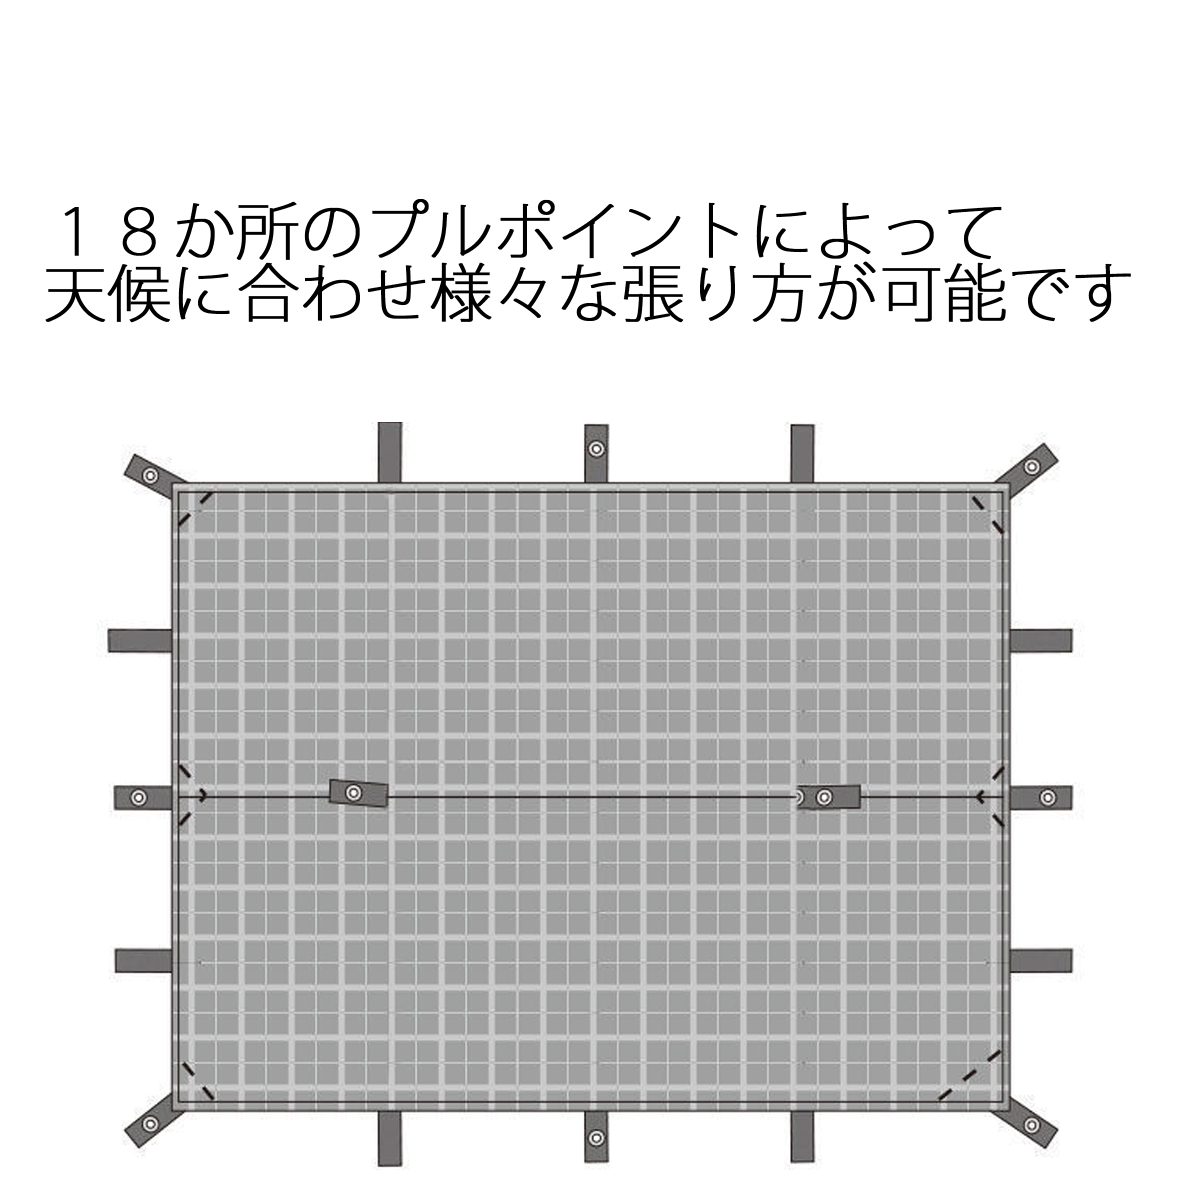 多用途 レクタタープ グロメット18箇所